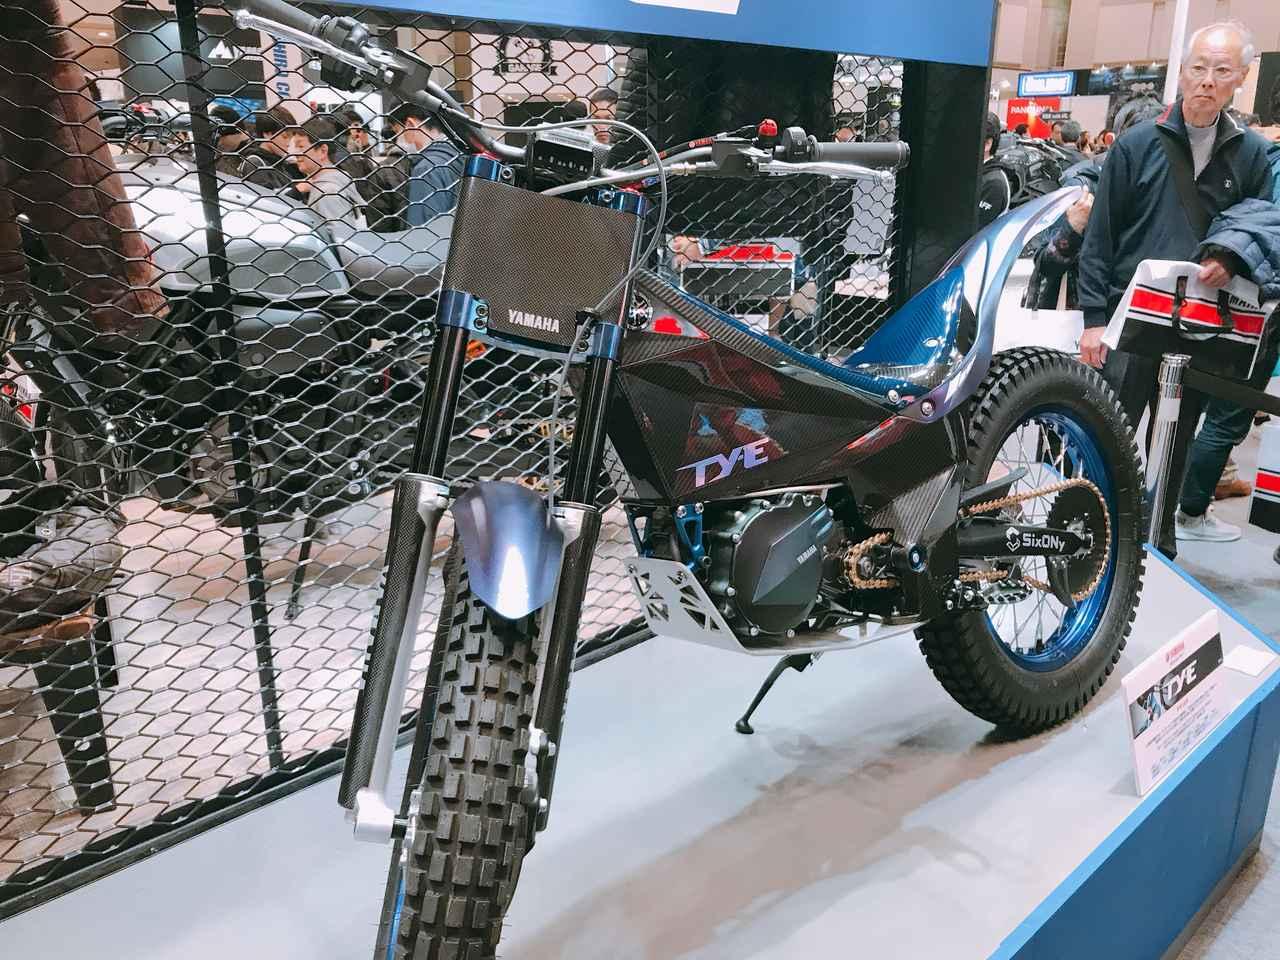 画像3: ヤマハ電動トライアルバイク「TY-E」初お目見え!FIMトライアル世界選手権も出場決定